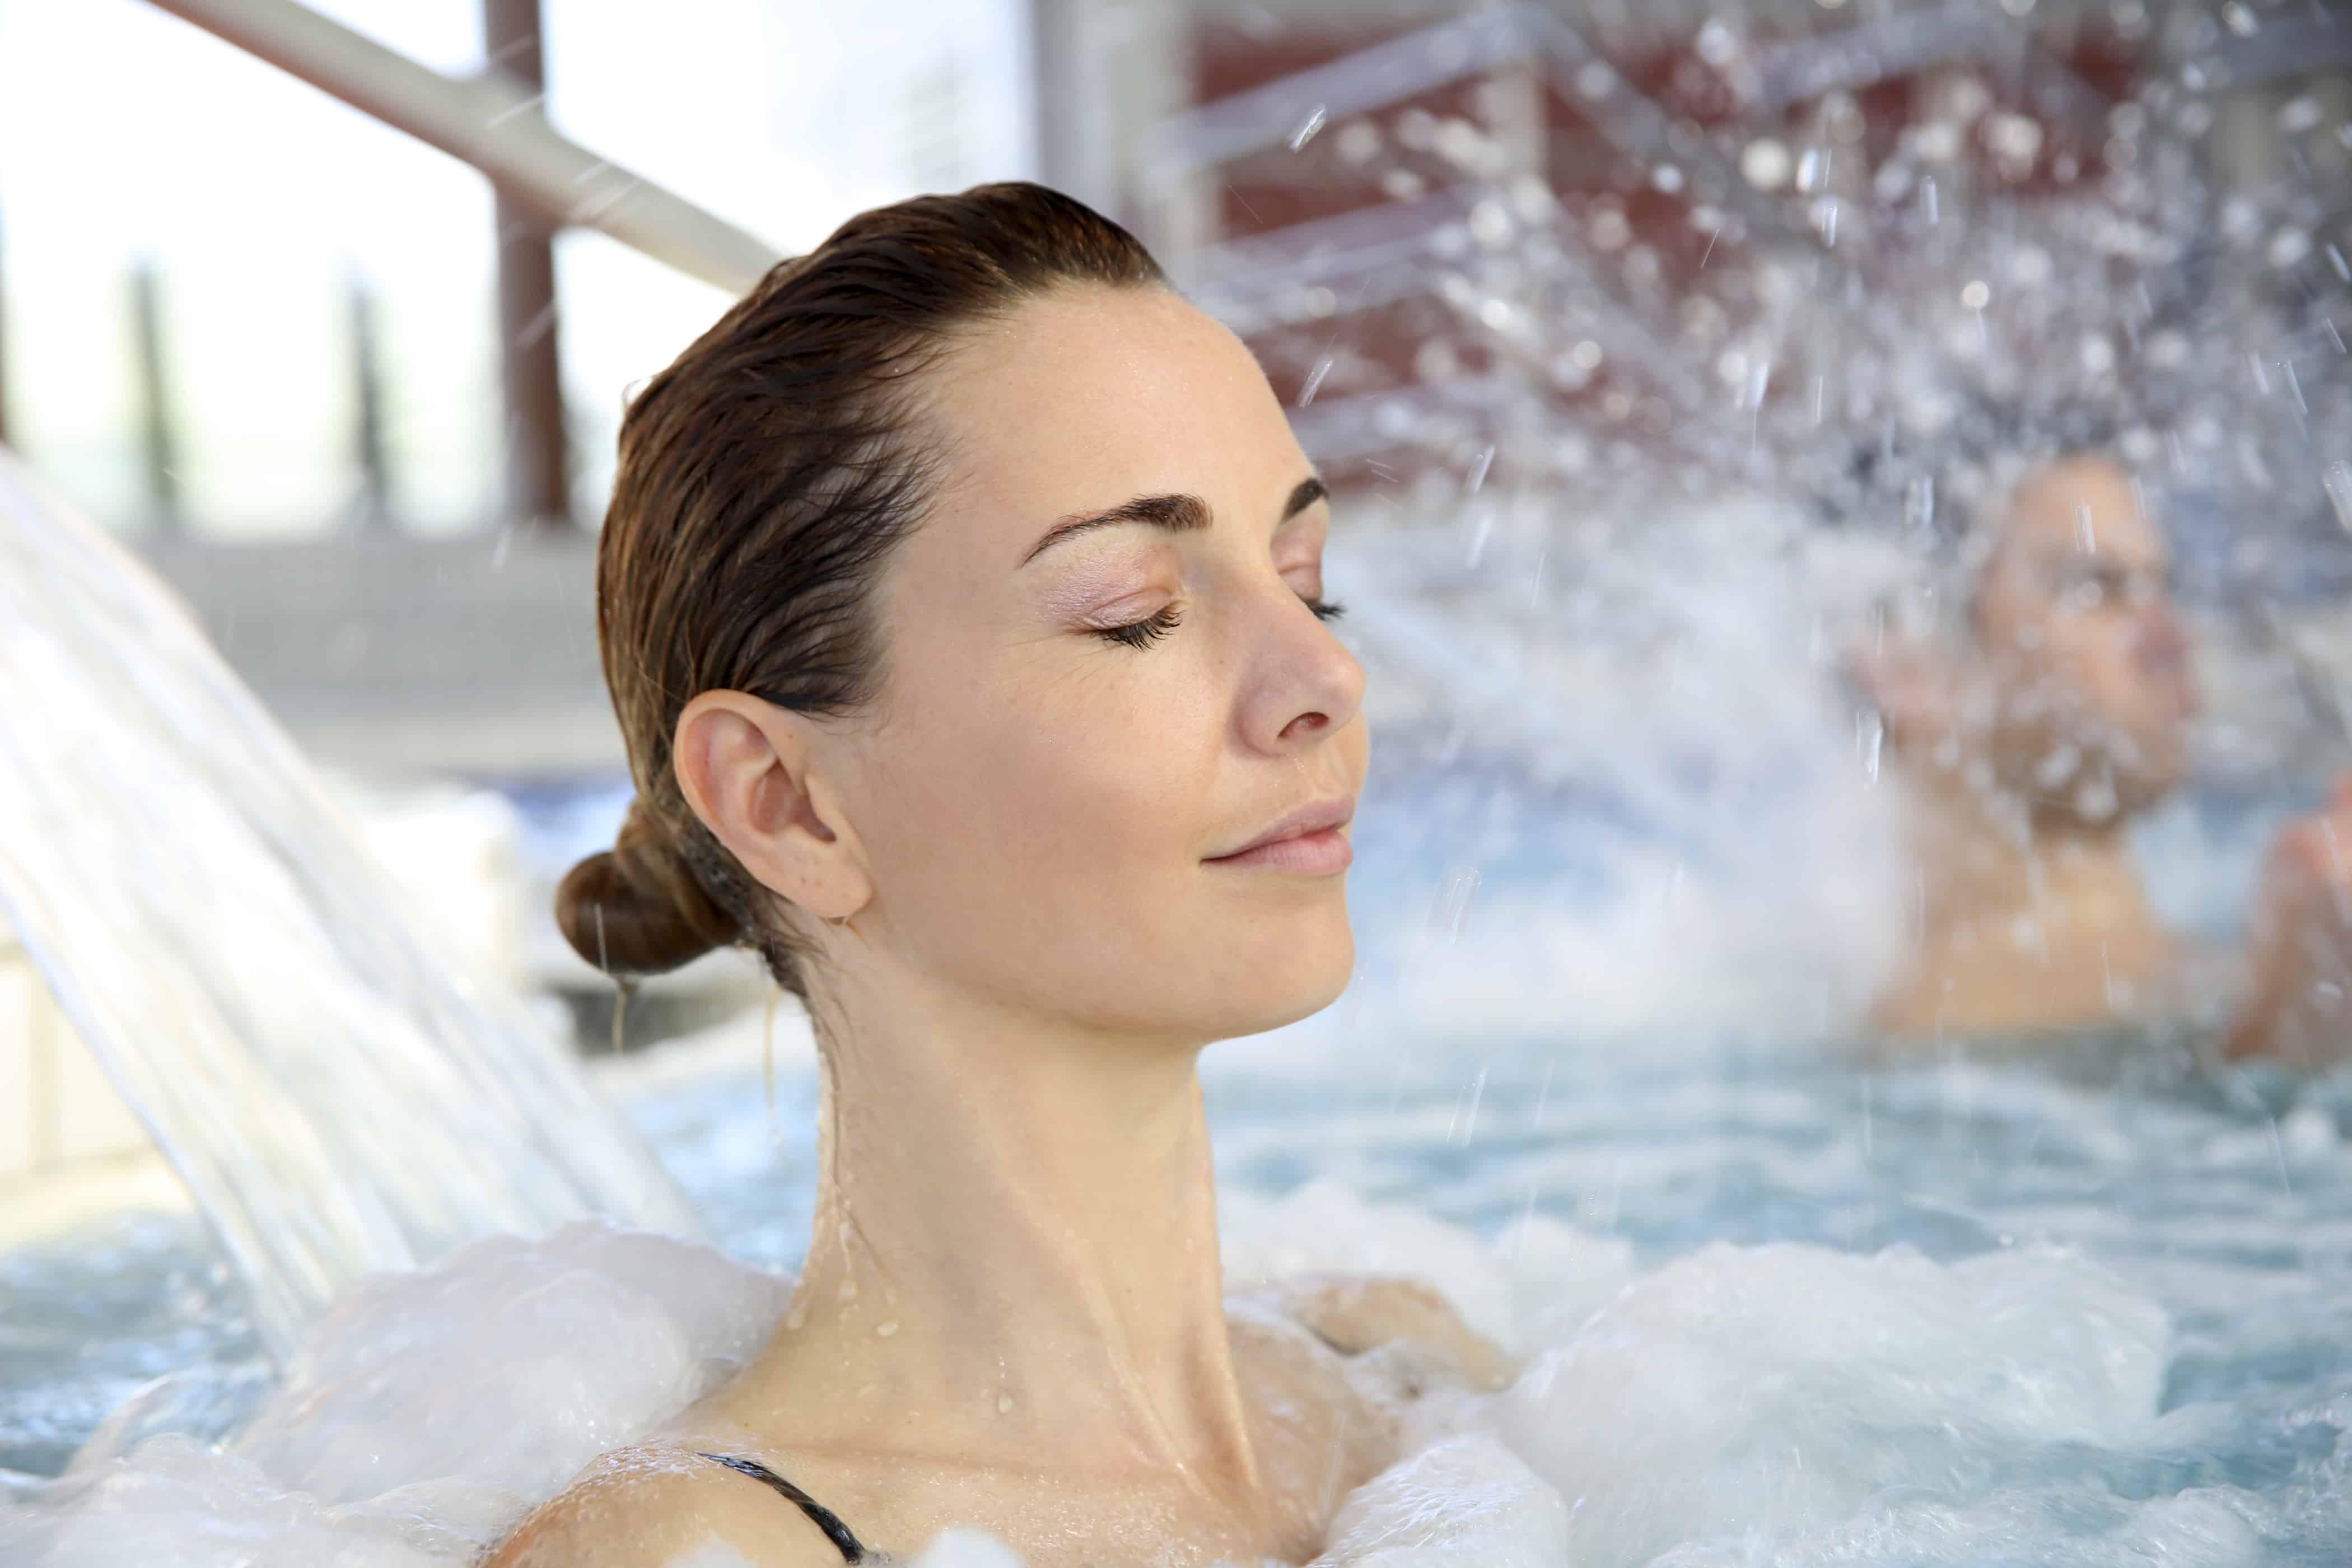 Vrouw geniet van hydrojet in het zwembad